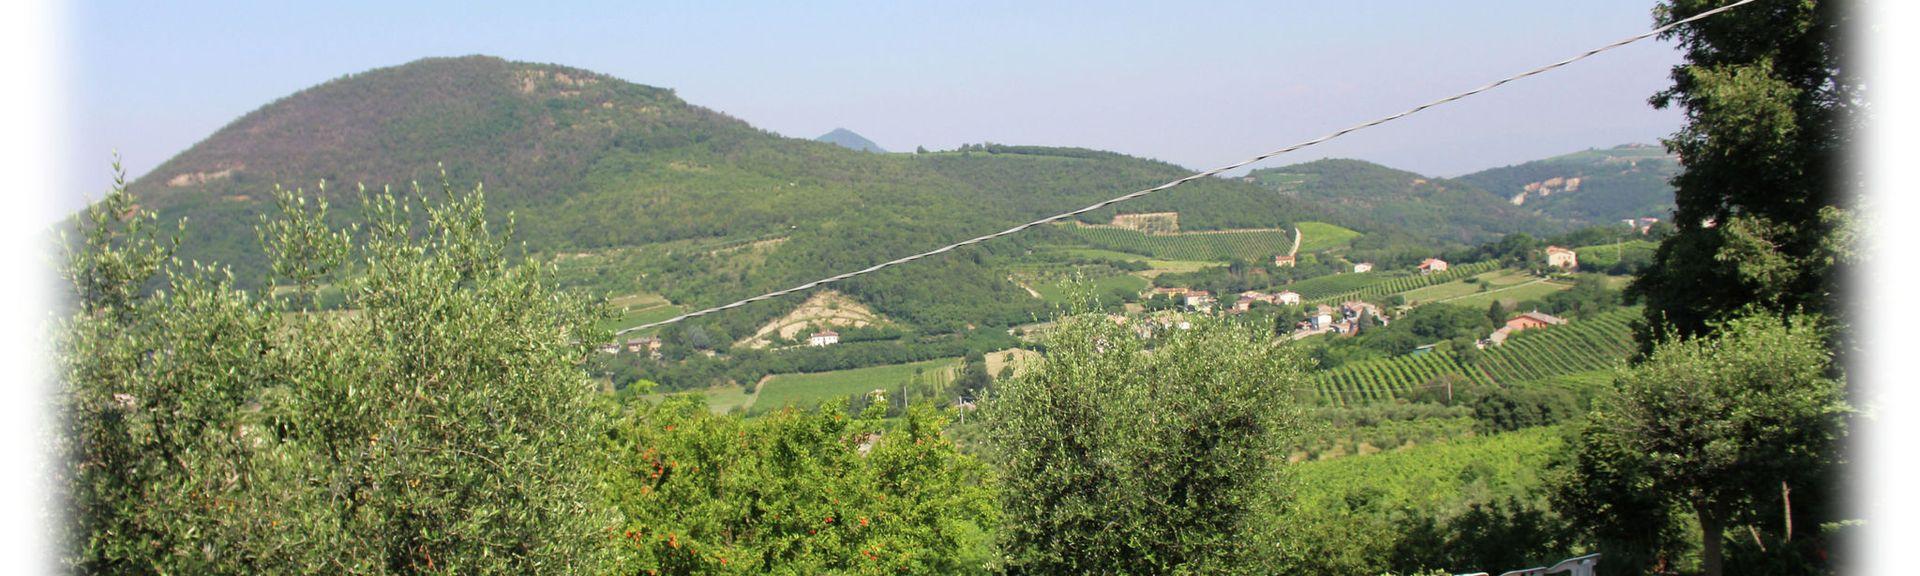 Stanghella, Veneto, Italy